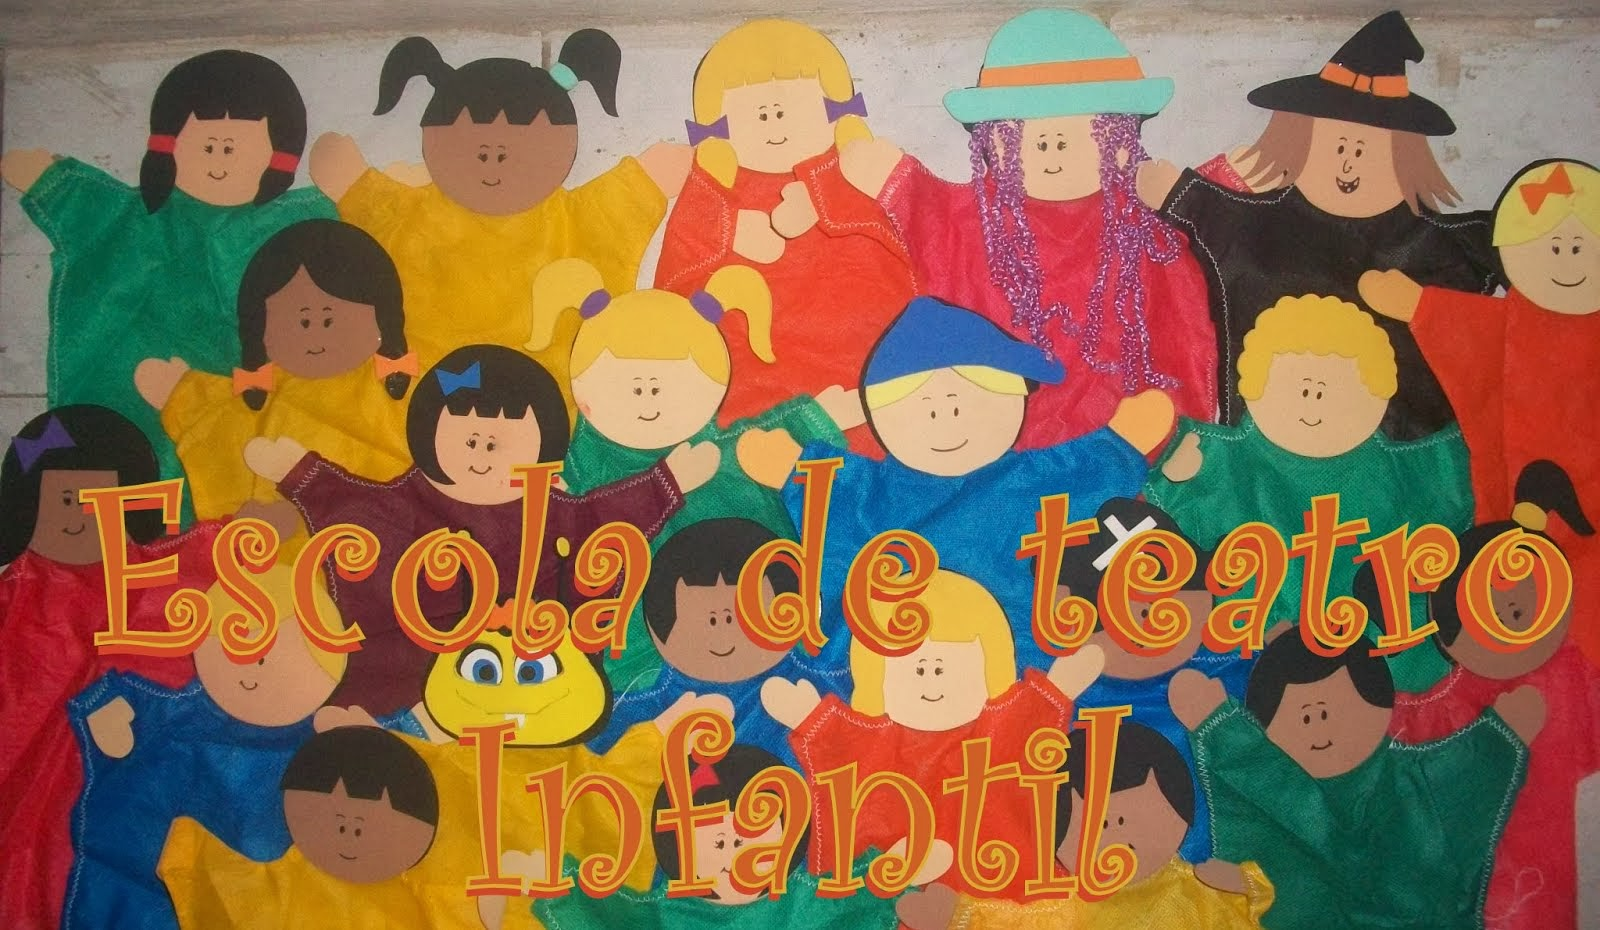 Escola de Teatro Infantil